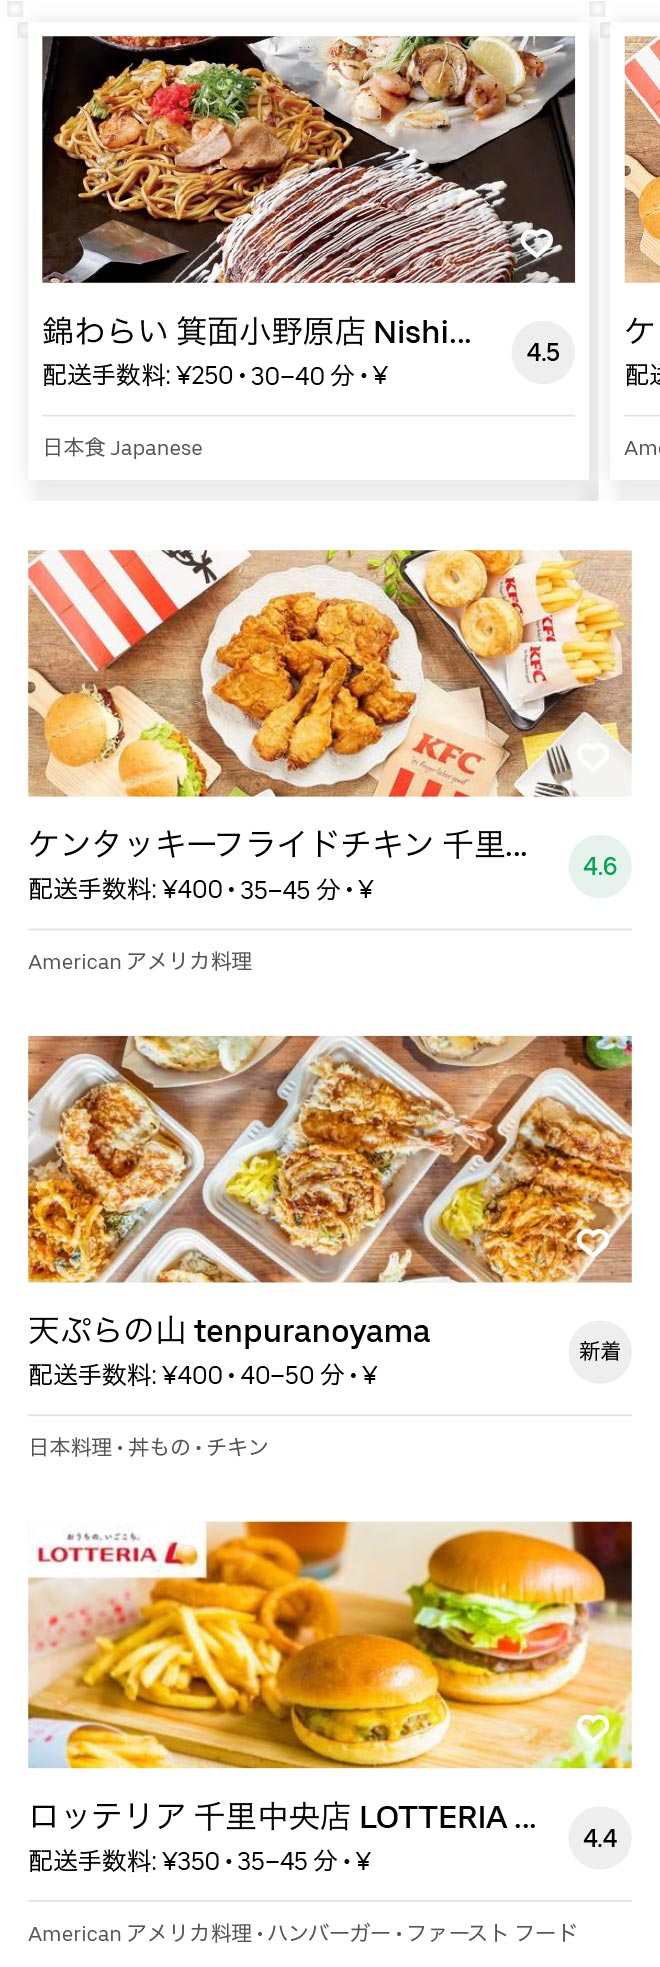 Handai byoin menu 2008 02